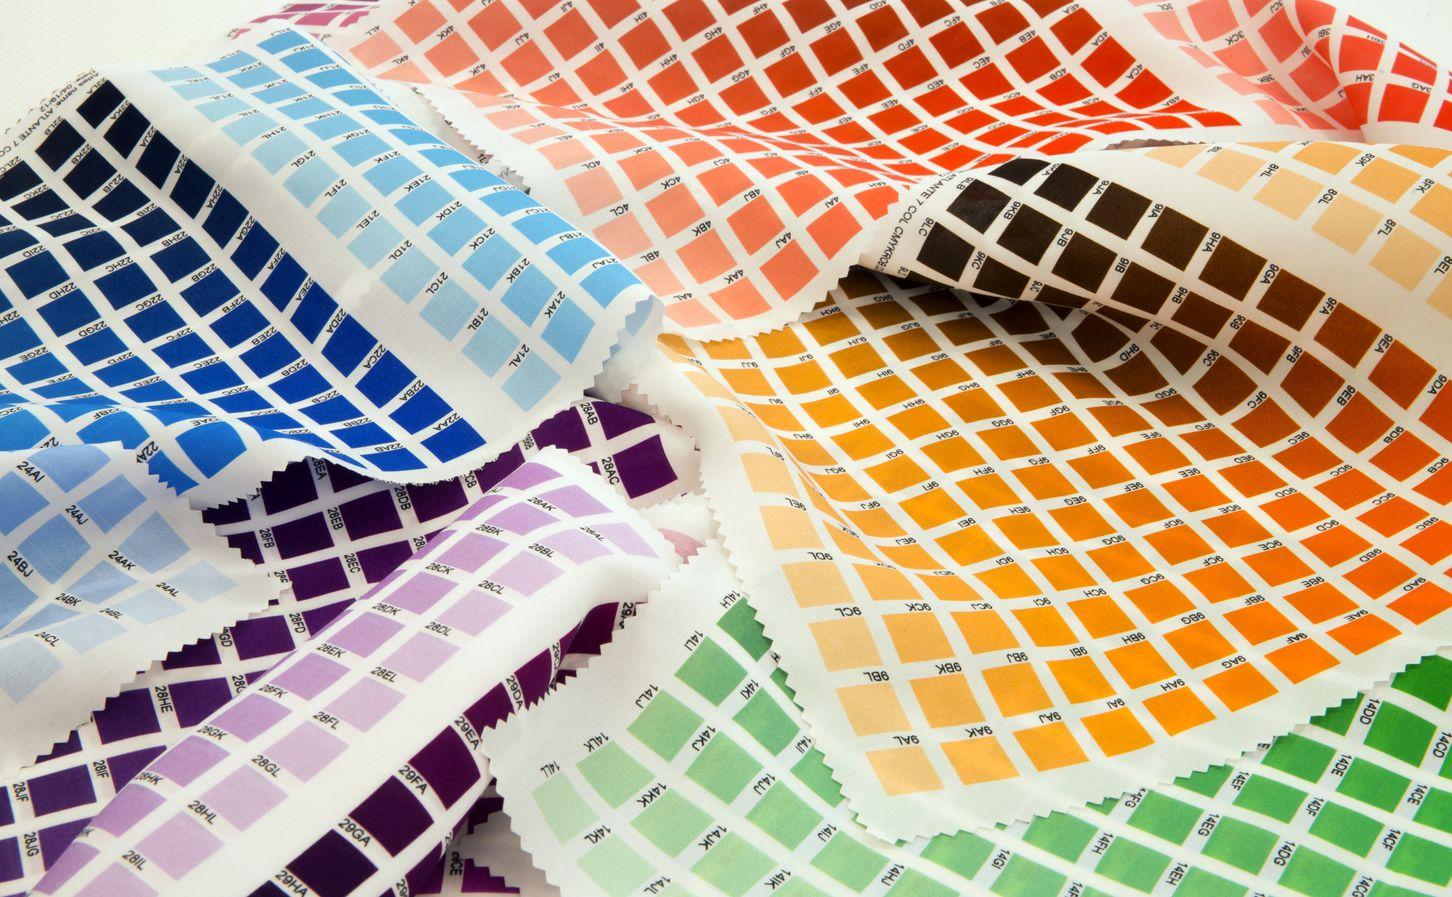 La stampa digitale su tessuto ha un nuovo polo technofashion - Stampa digitale su piastrelle ...